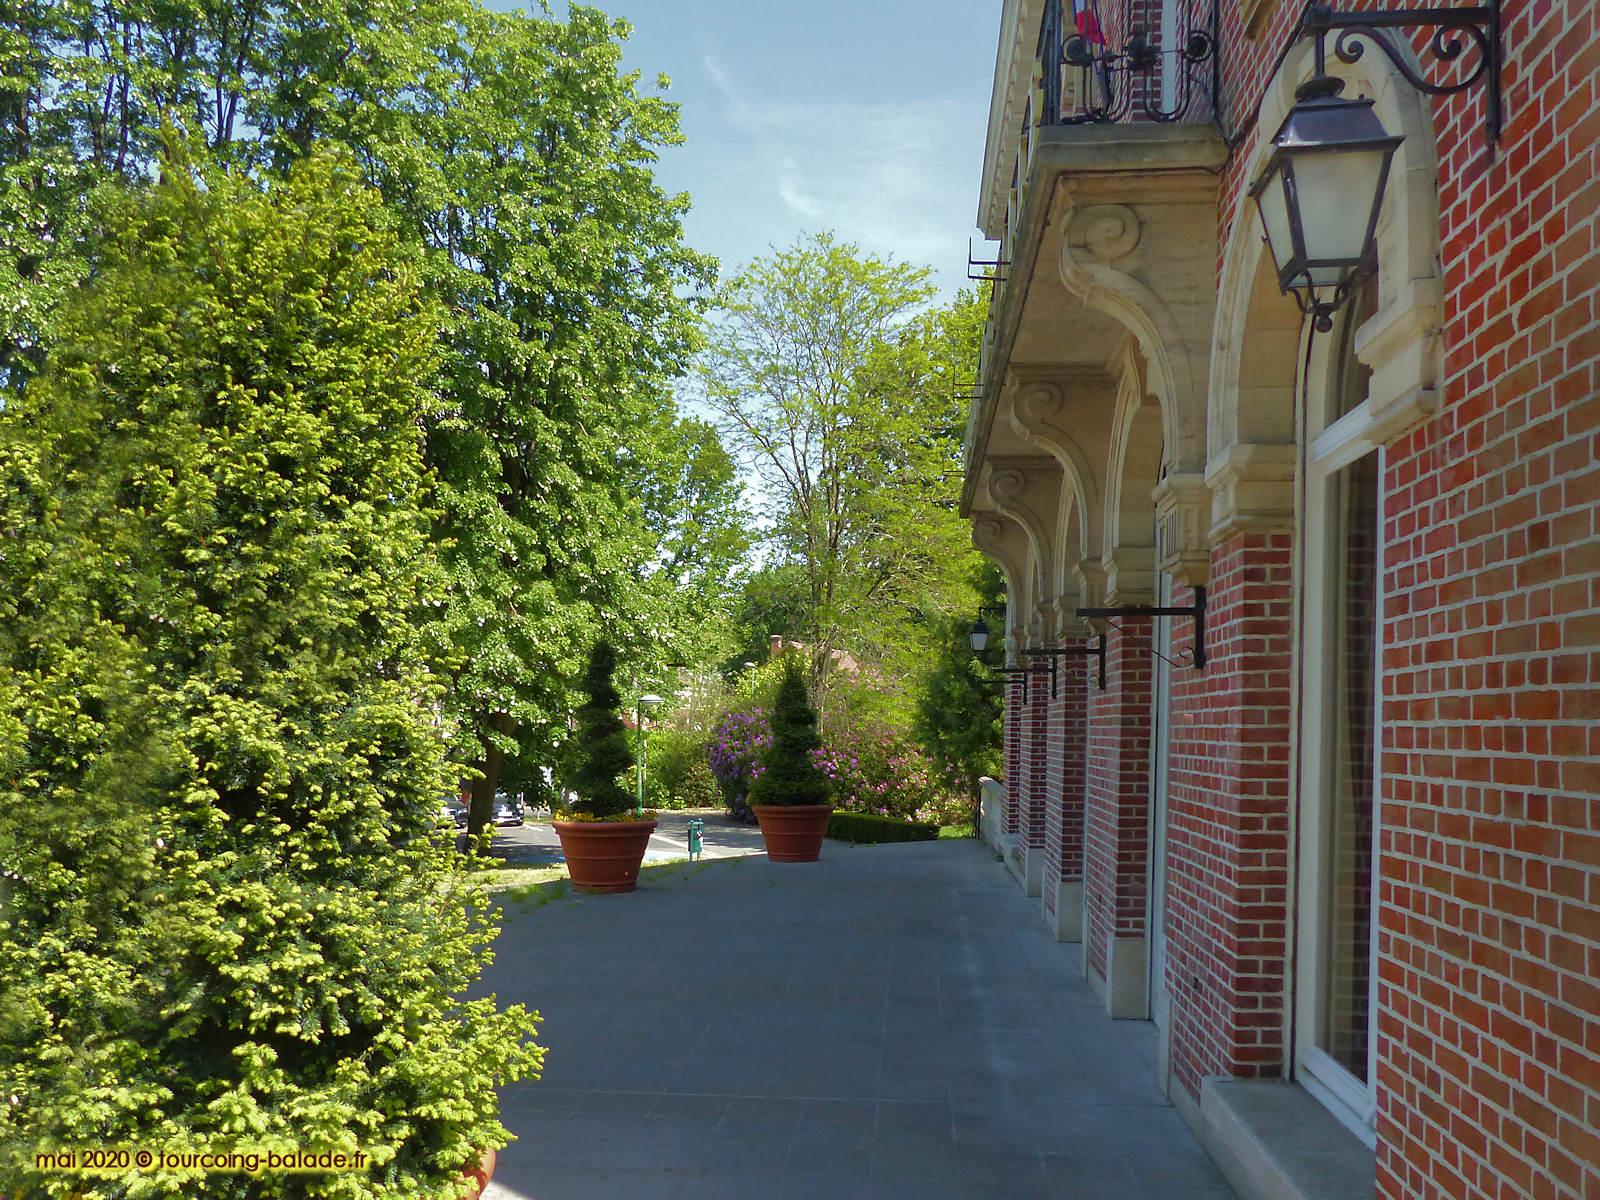 Perron de l'Hôtel de Ville de Mouvaux, 2020